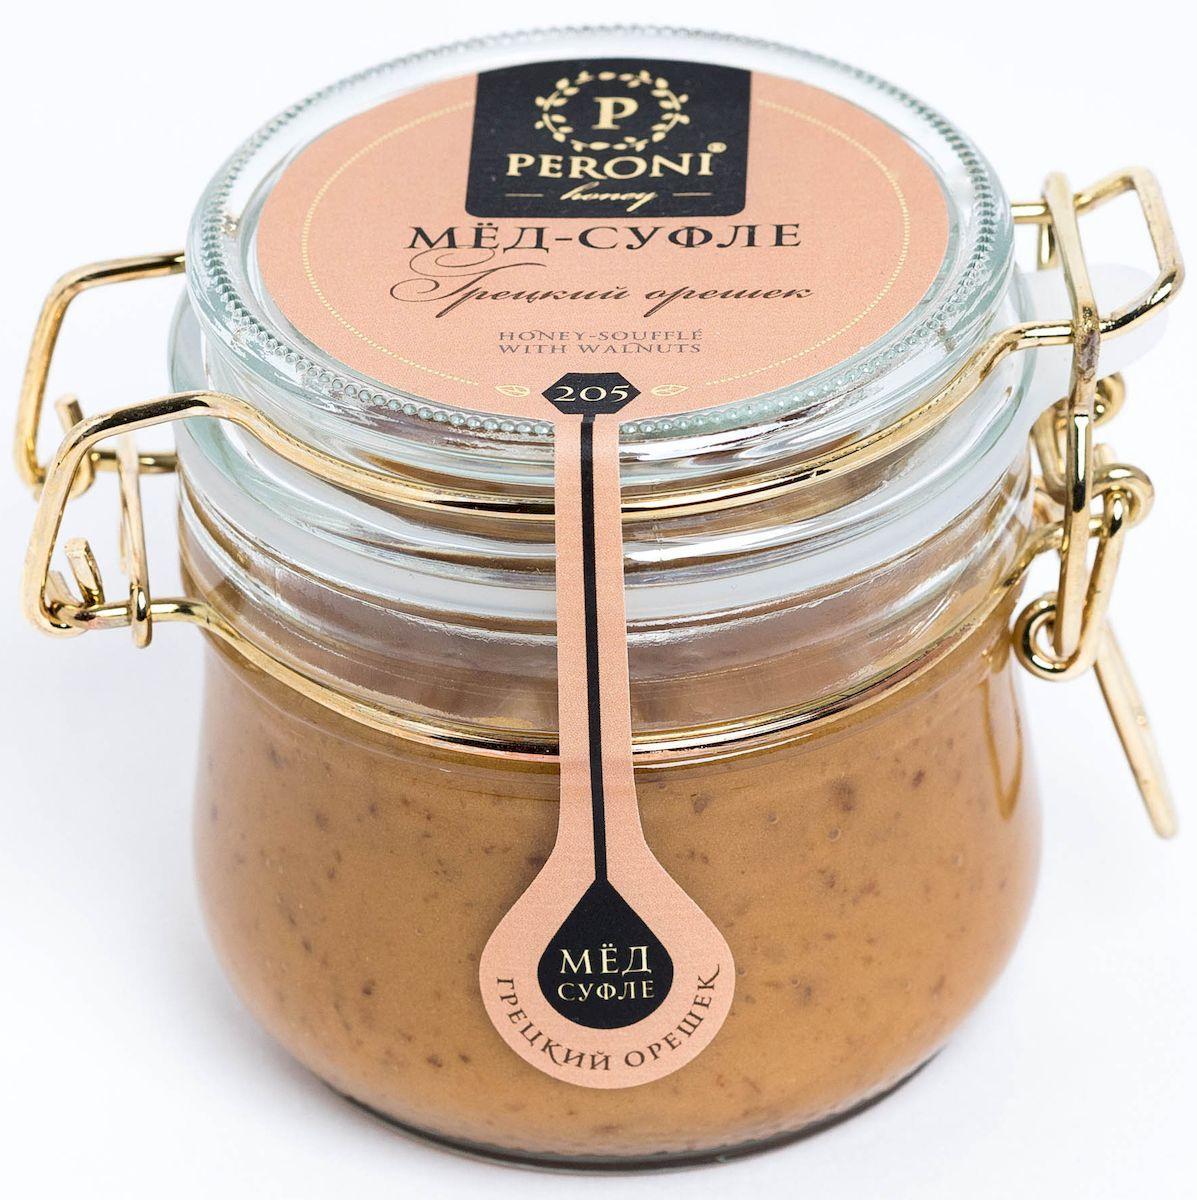 Peroni Грецкий орех мёд-суфле, 250 г0120710Мед-суфле Peroni с грецким орешком — это настоящее удовольствие с большой буквы. Здесь есть всё — тонкая сладость и аромат гречишного меда, обволакивающая горчинка грецких орехов и карамельная нежность суфле. Именно это сочетание является одной из самых любовных смесей — повышает потенцию, очень полезно как для женщин, так и для мужчин. Рекомендуется употреблять в день не более 50 грамм.Внимание, уважаемые клиенты! Будьте аккуратны, так как в продукте может встречаться скорлупа от грецких орехов.